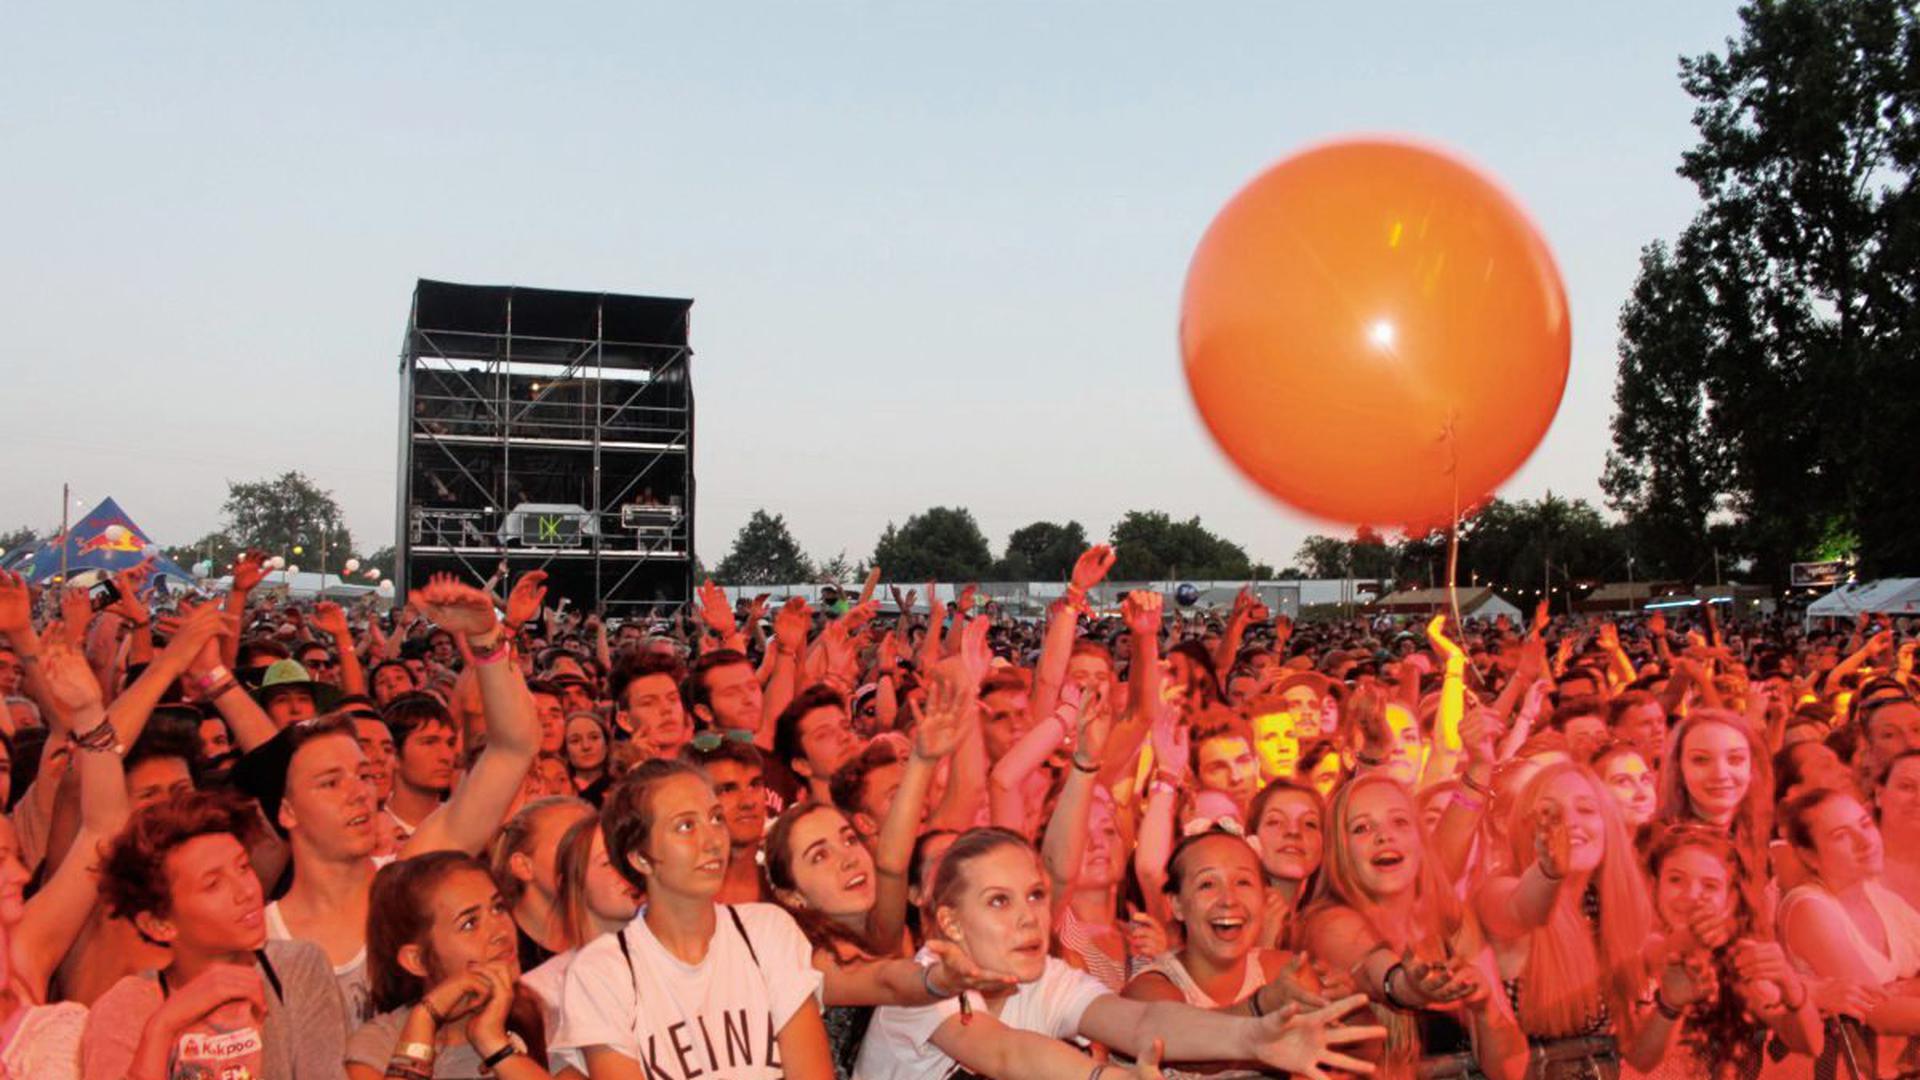 Menschenmassen beim Happiness-Festival in Straubenhardt.